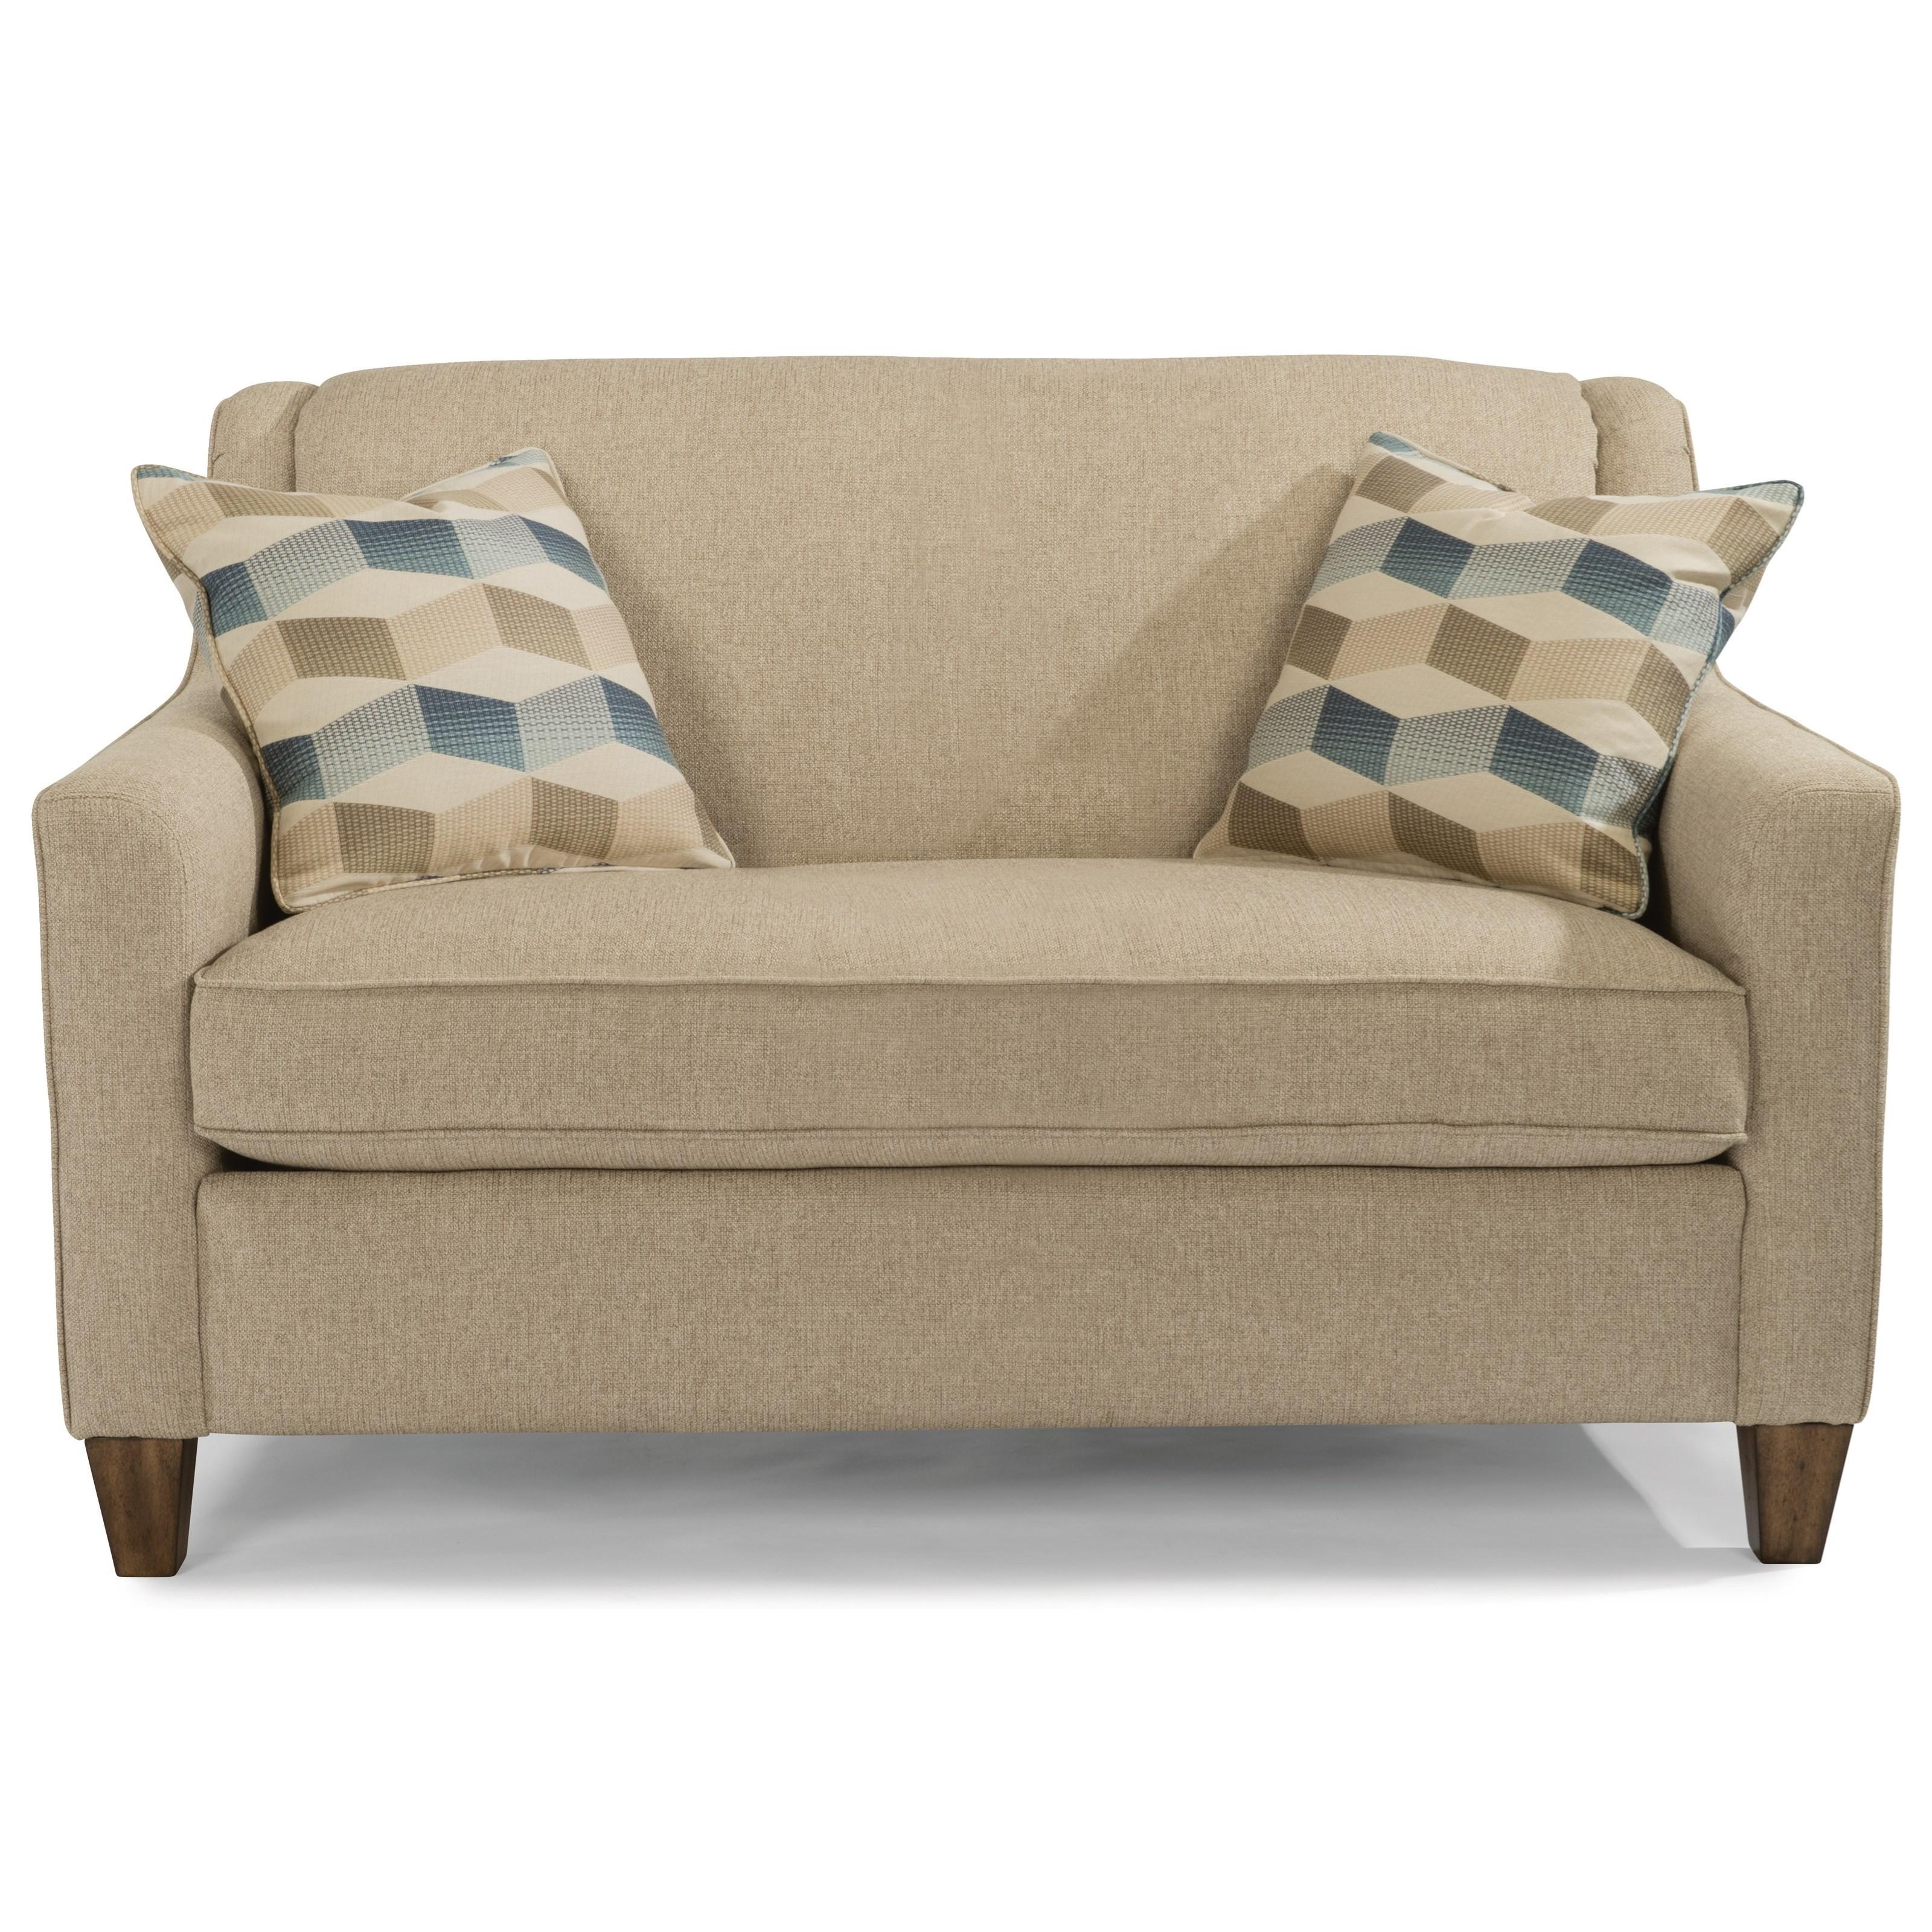 Twin Sleeper Sofa flexsteel holly twin sleeper sofa - item number: 5118-41 ETCELIW